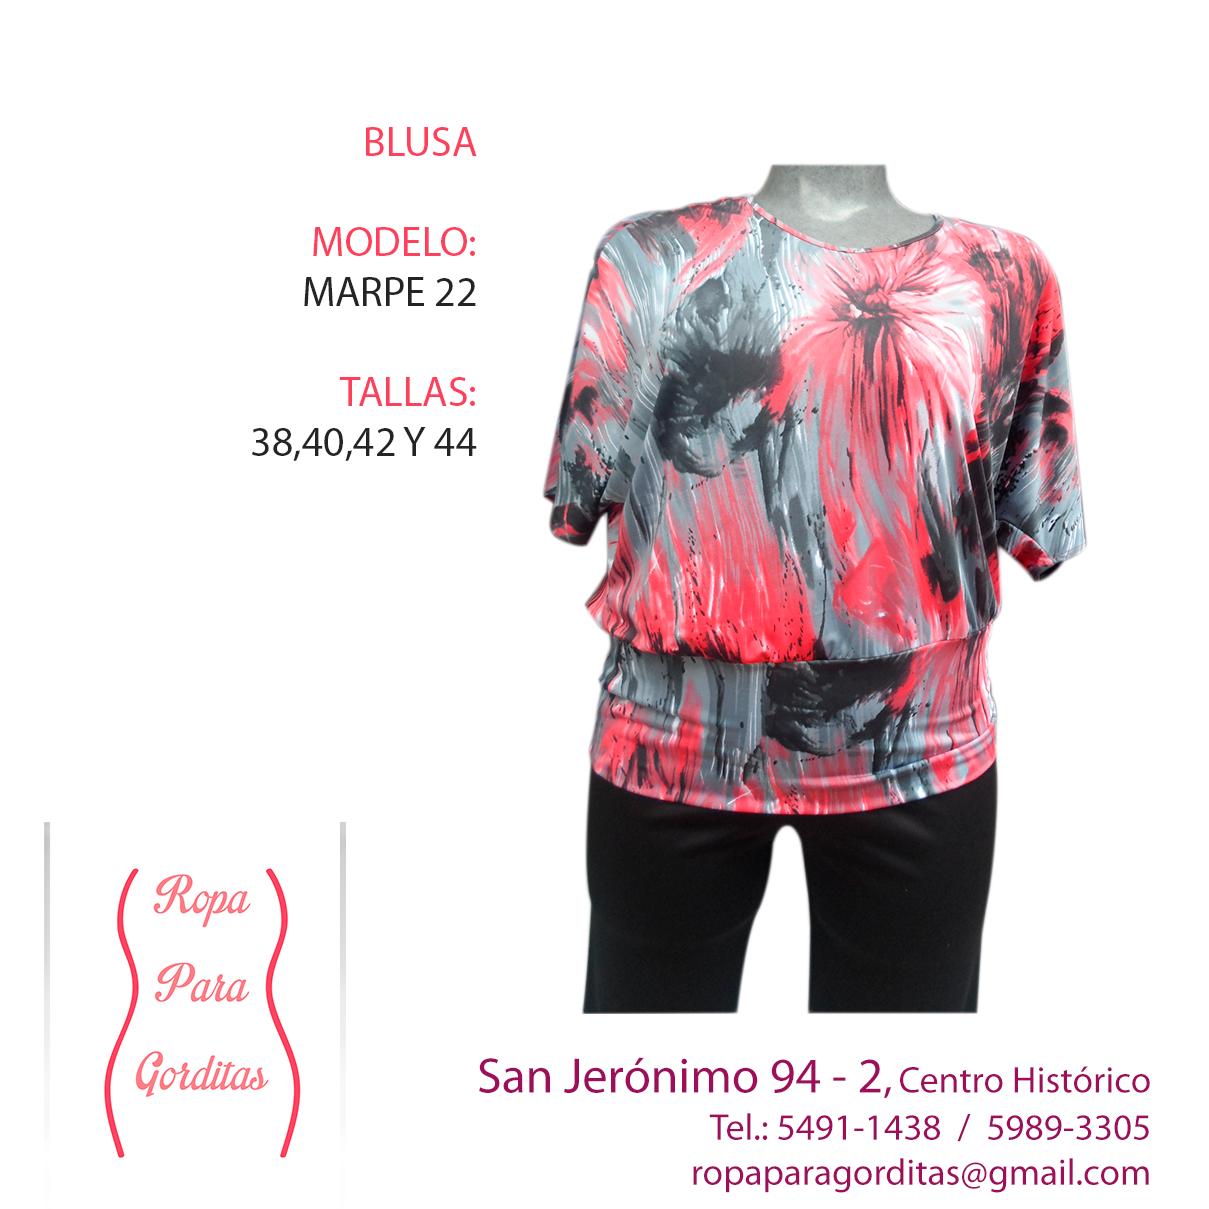 Ropa para Gorditas; Blusa Modelo Marpe 22; Tallas: 38, 40, 42 y 44; Precio: $290